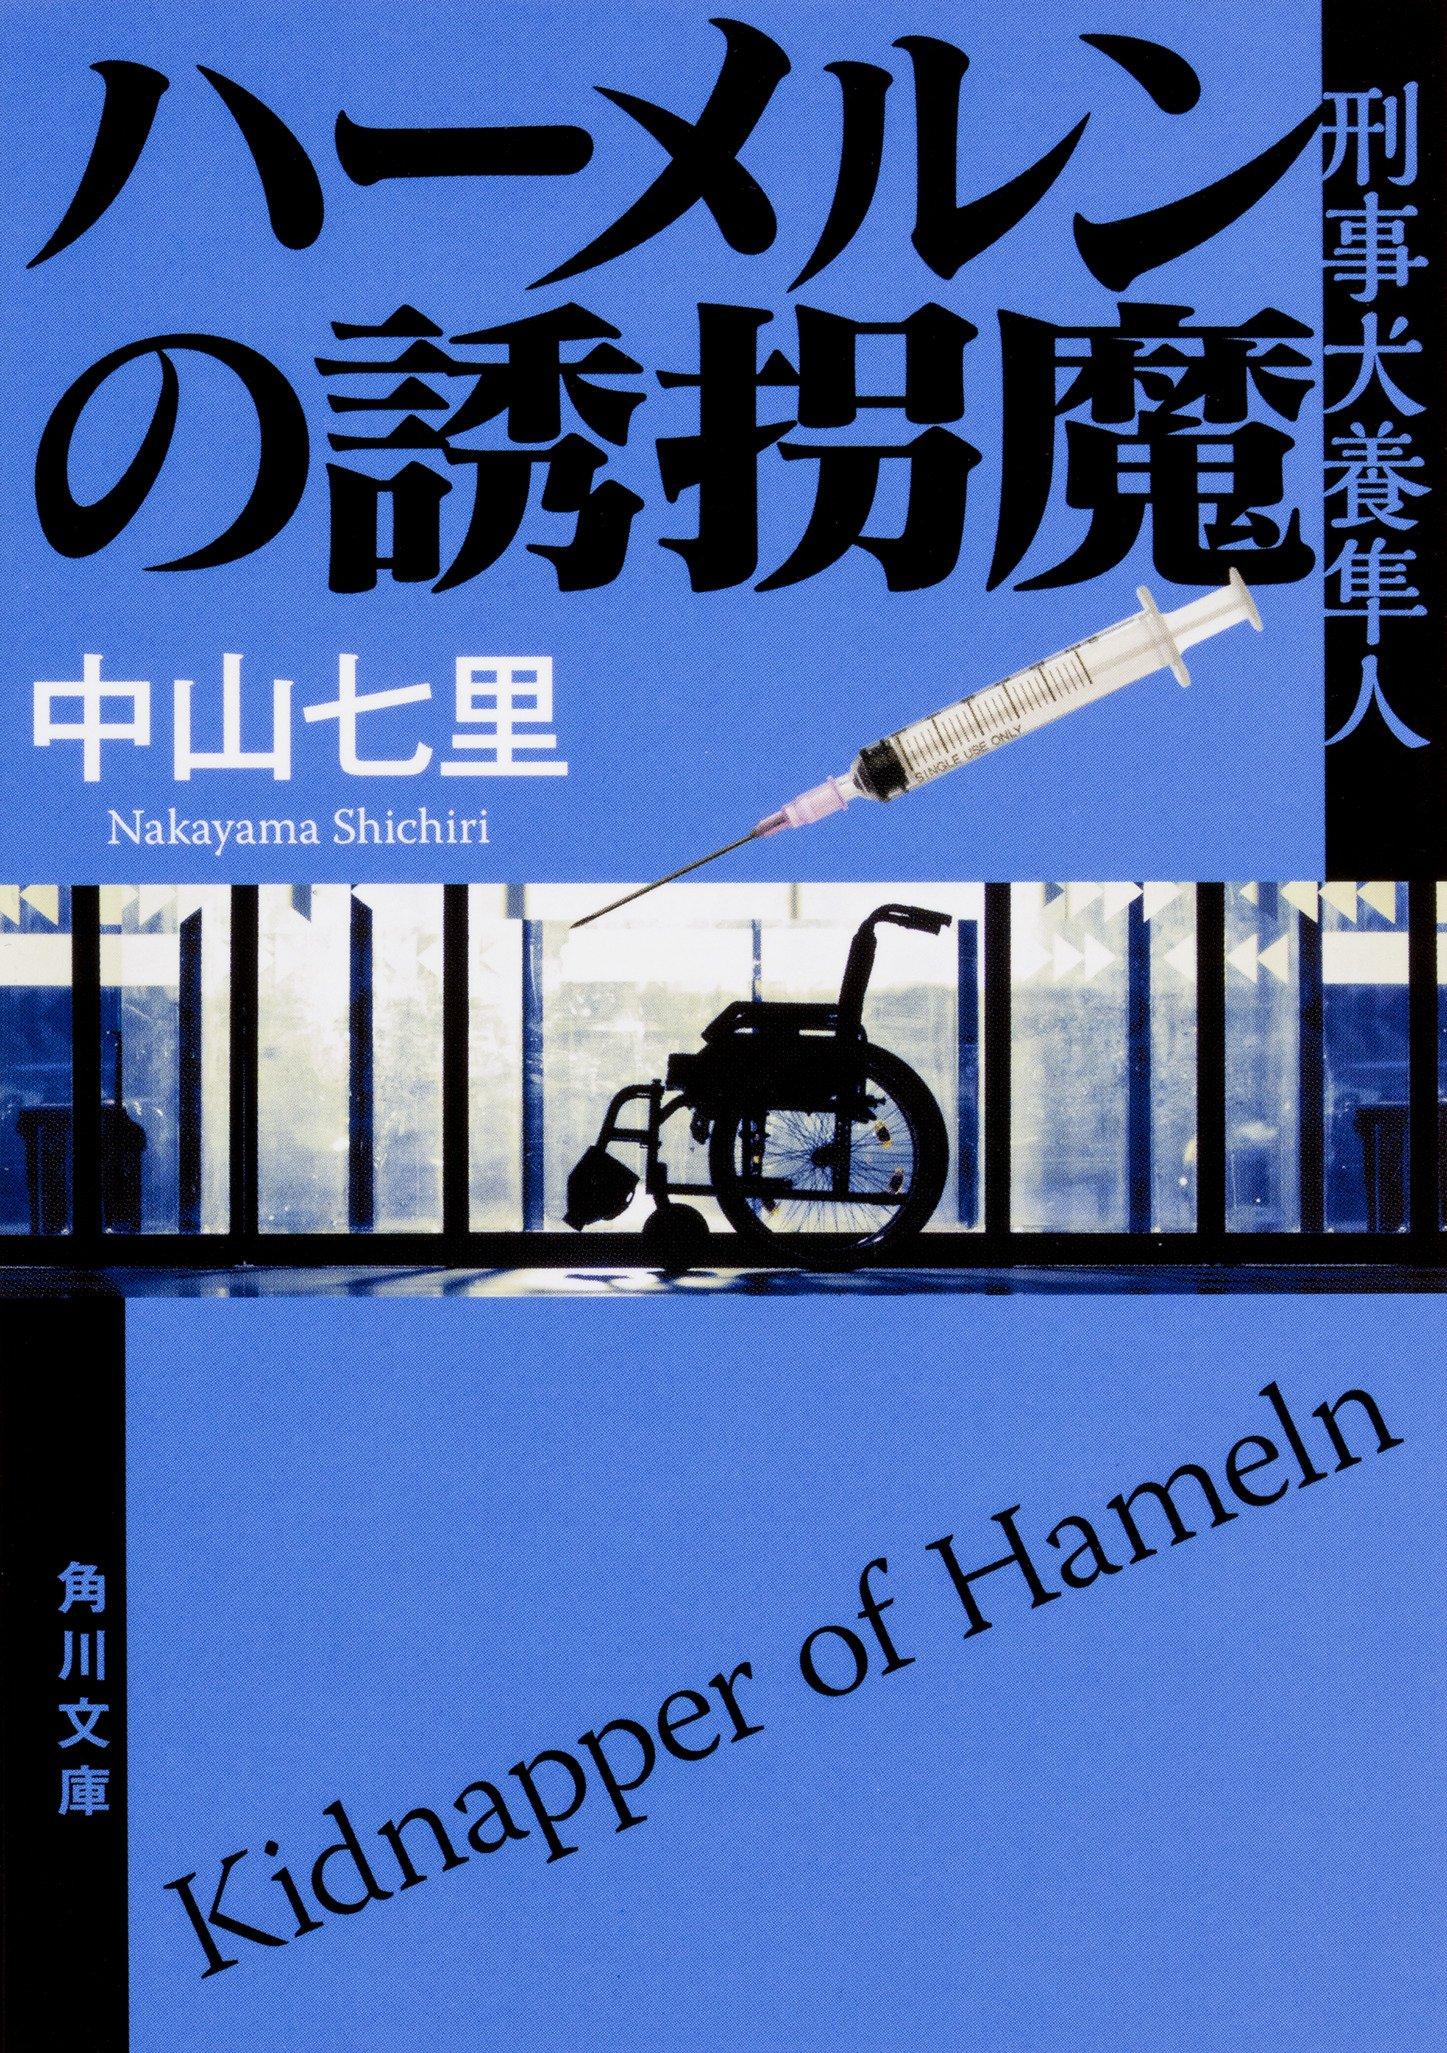 ハーメルン 小説 おすすめ